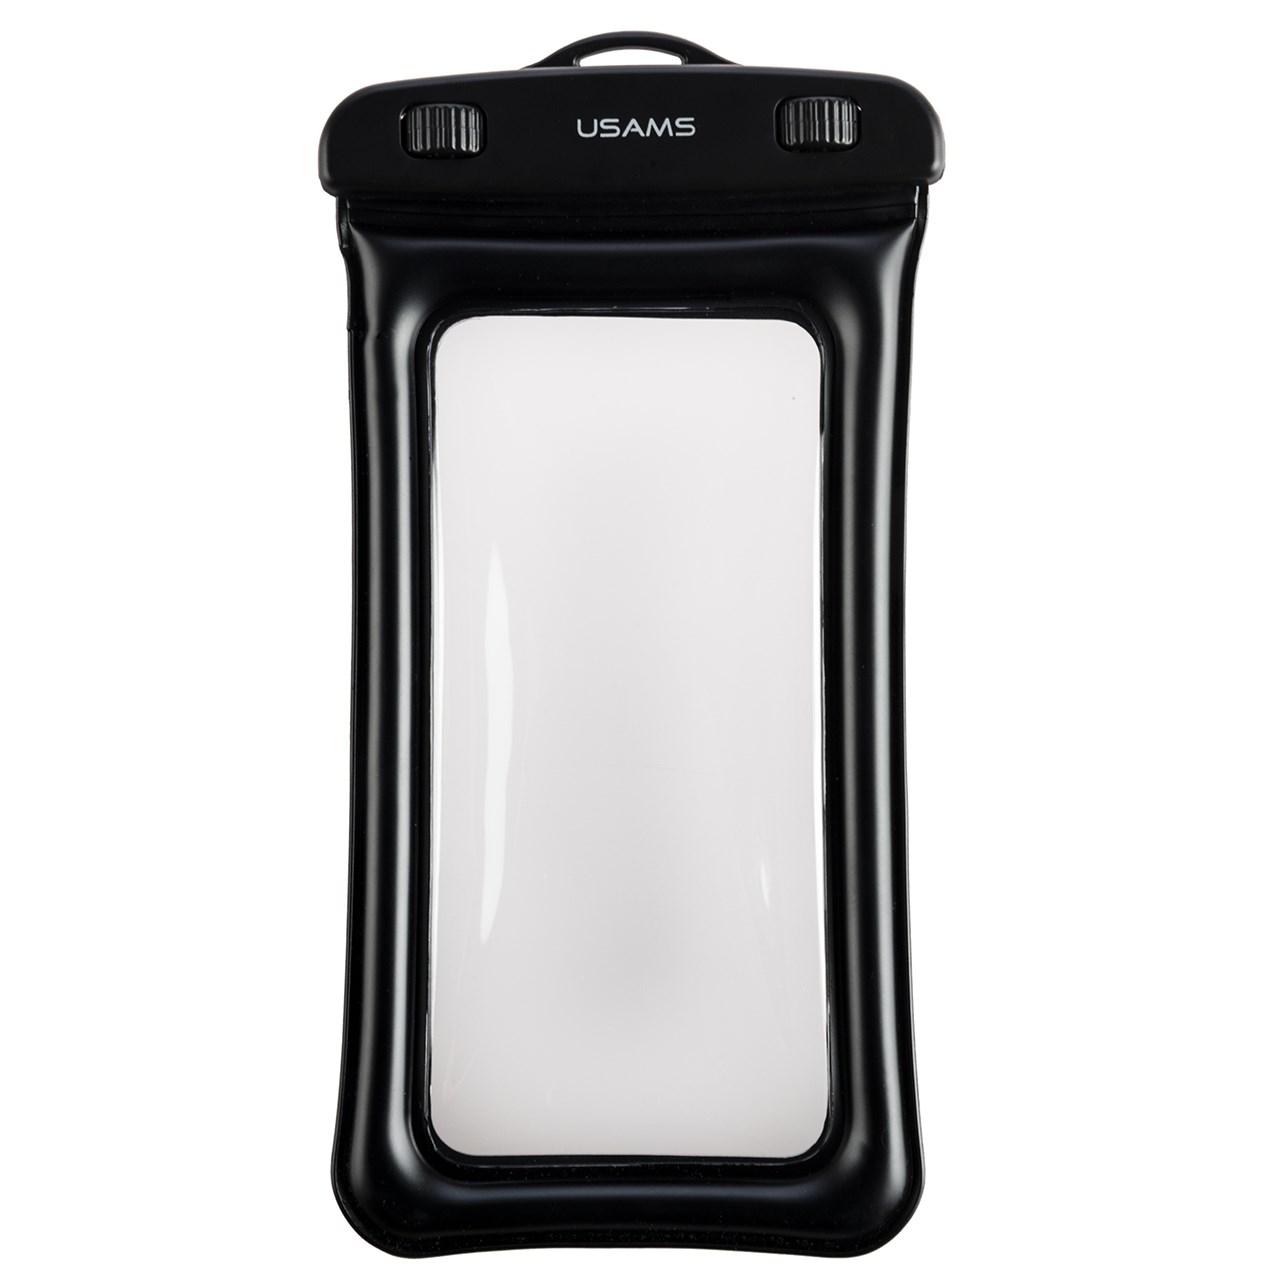 کاور ضدآب یوسمز مدل YD007 مناسب برای گوشی موبایل 6 اینچی